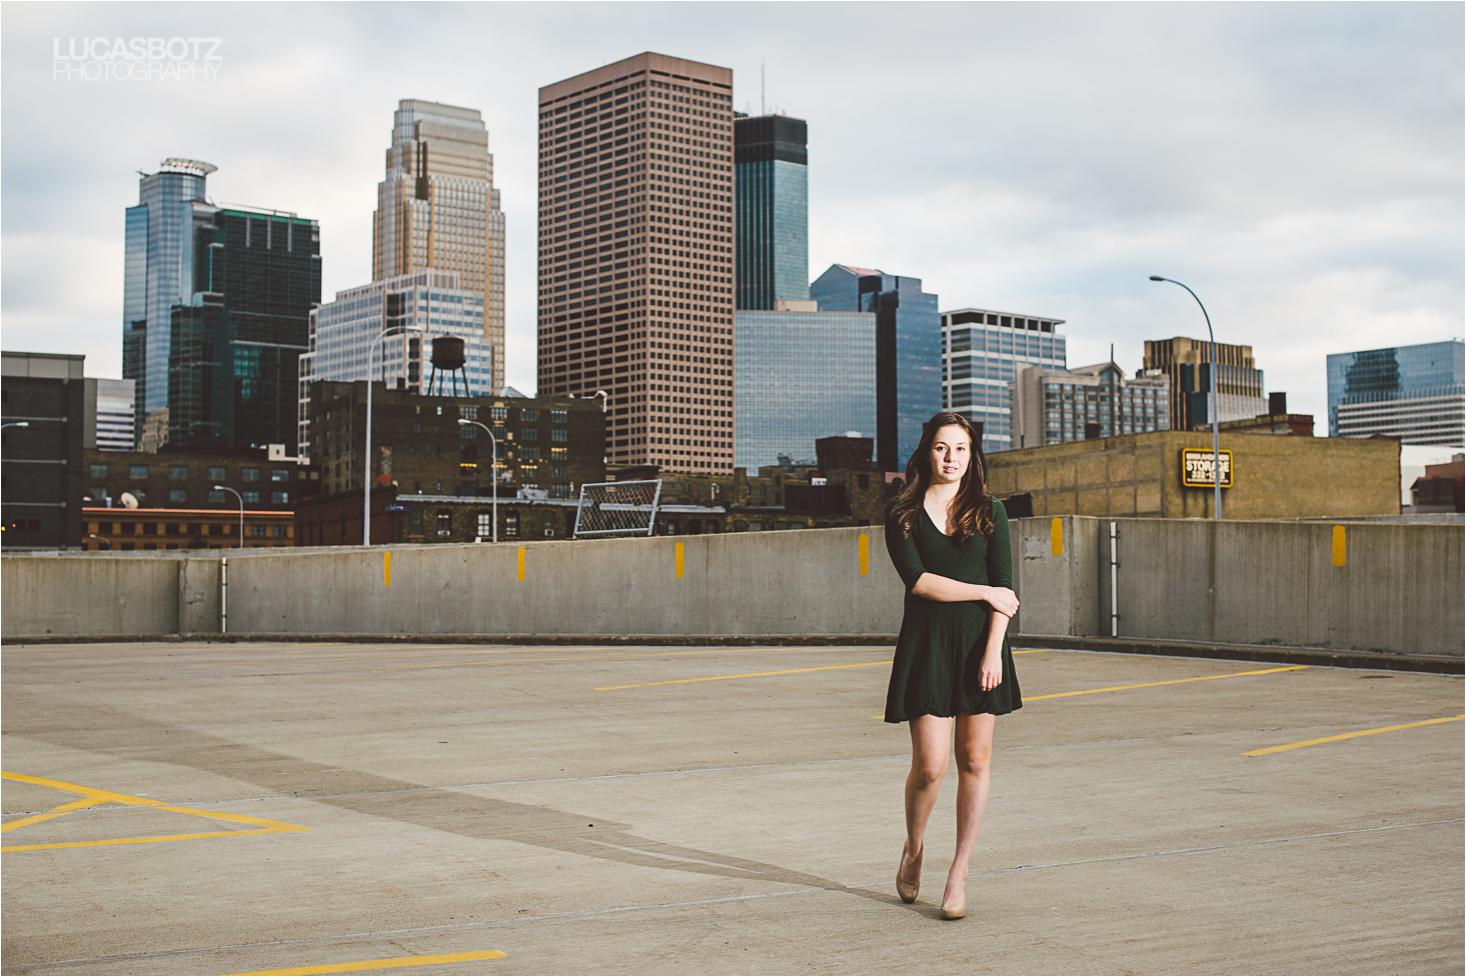 Minneapolis Senior Photos Lucas Botz-6.jpg